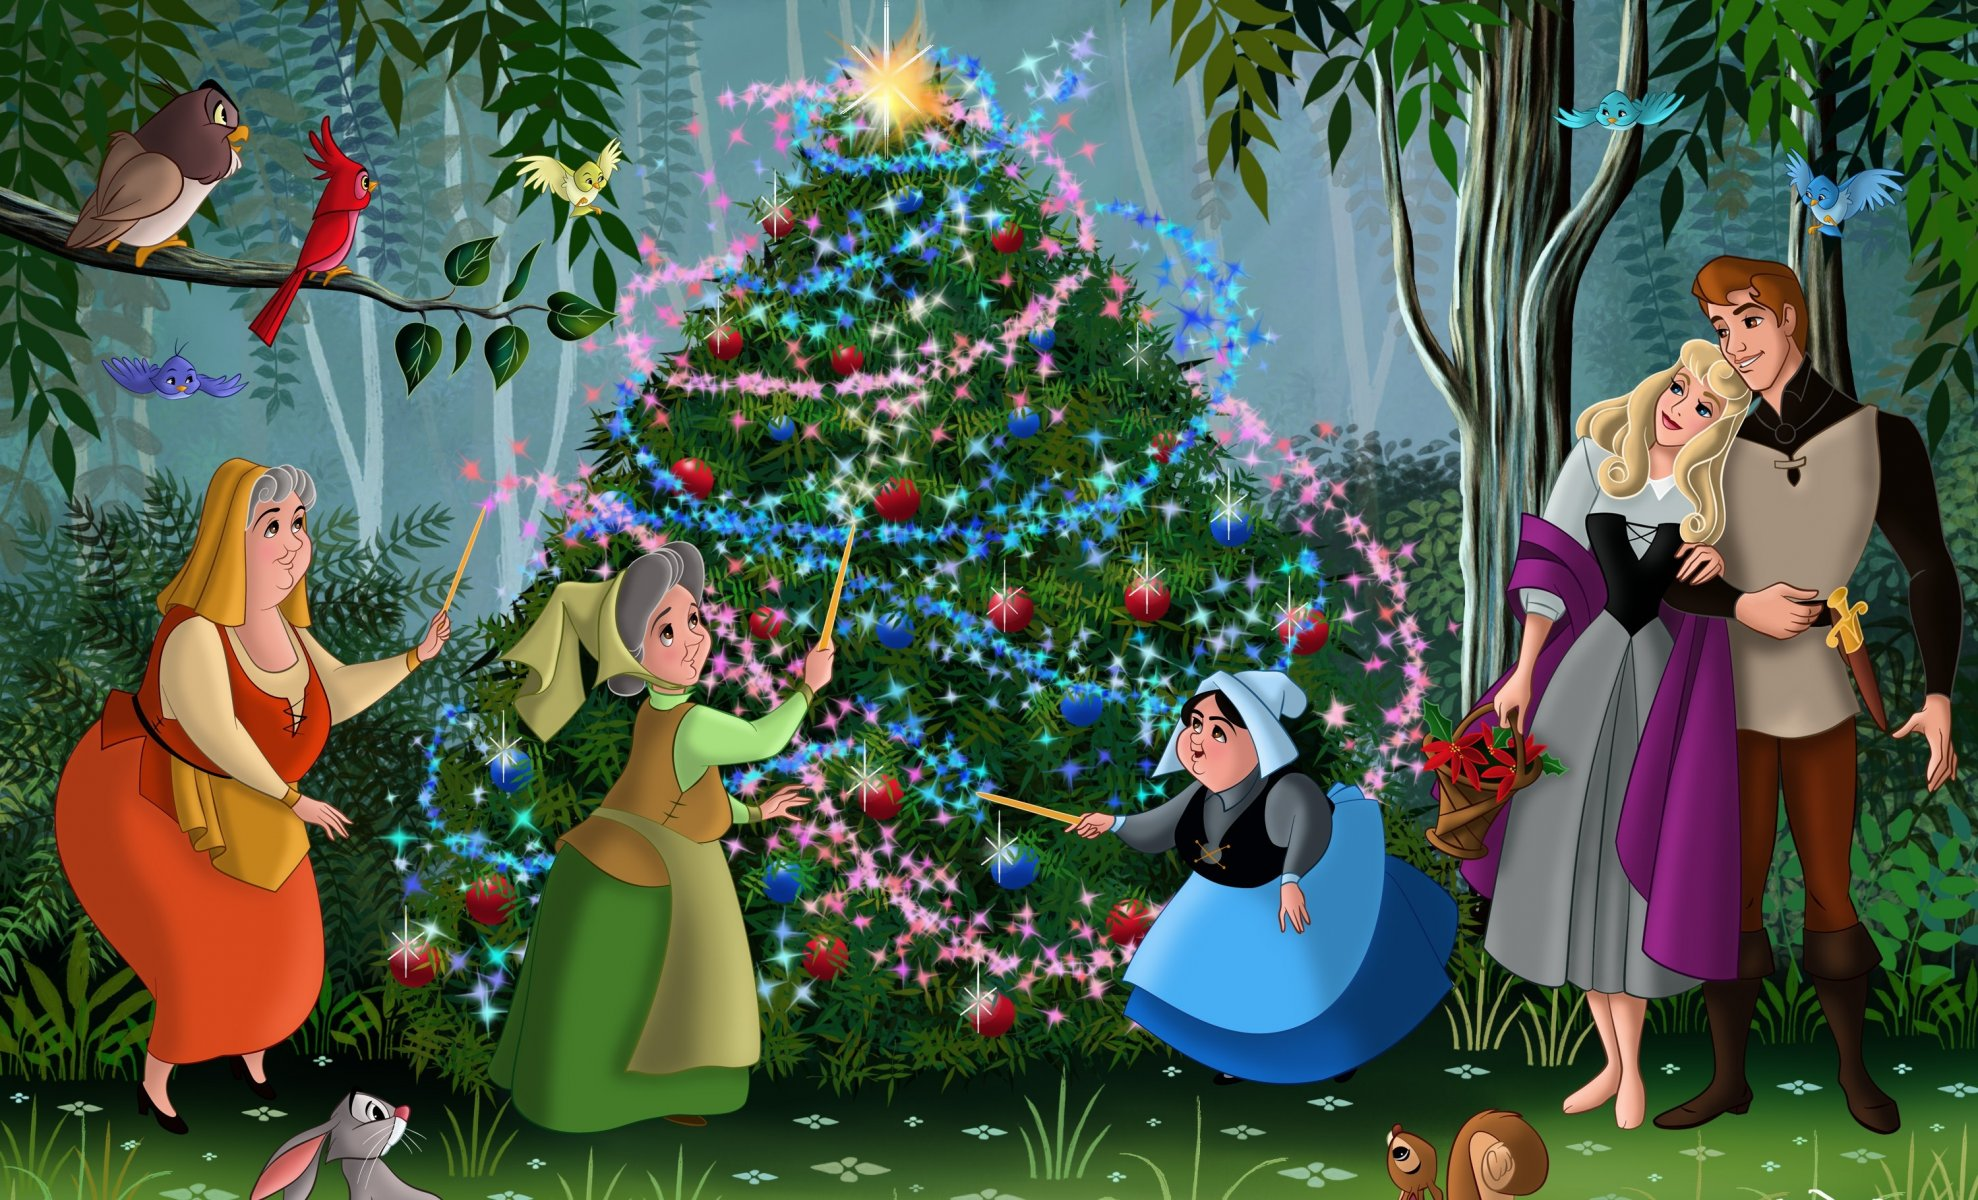 Сказочный фильм про новый год